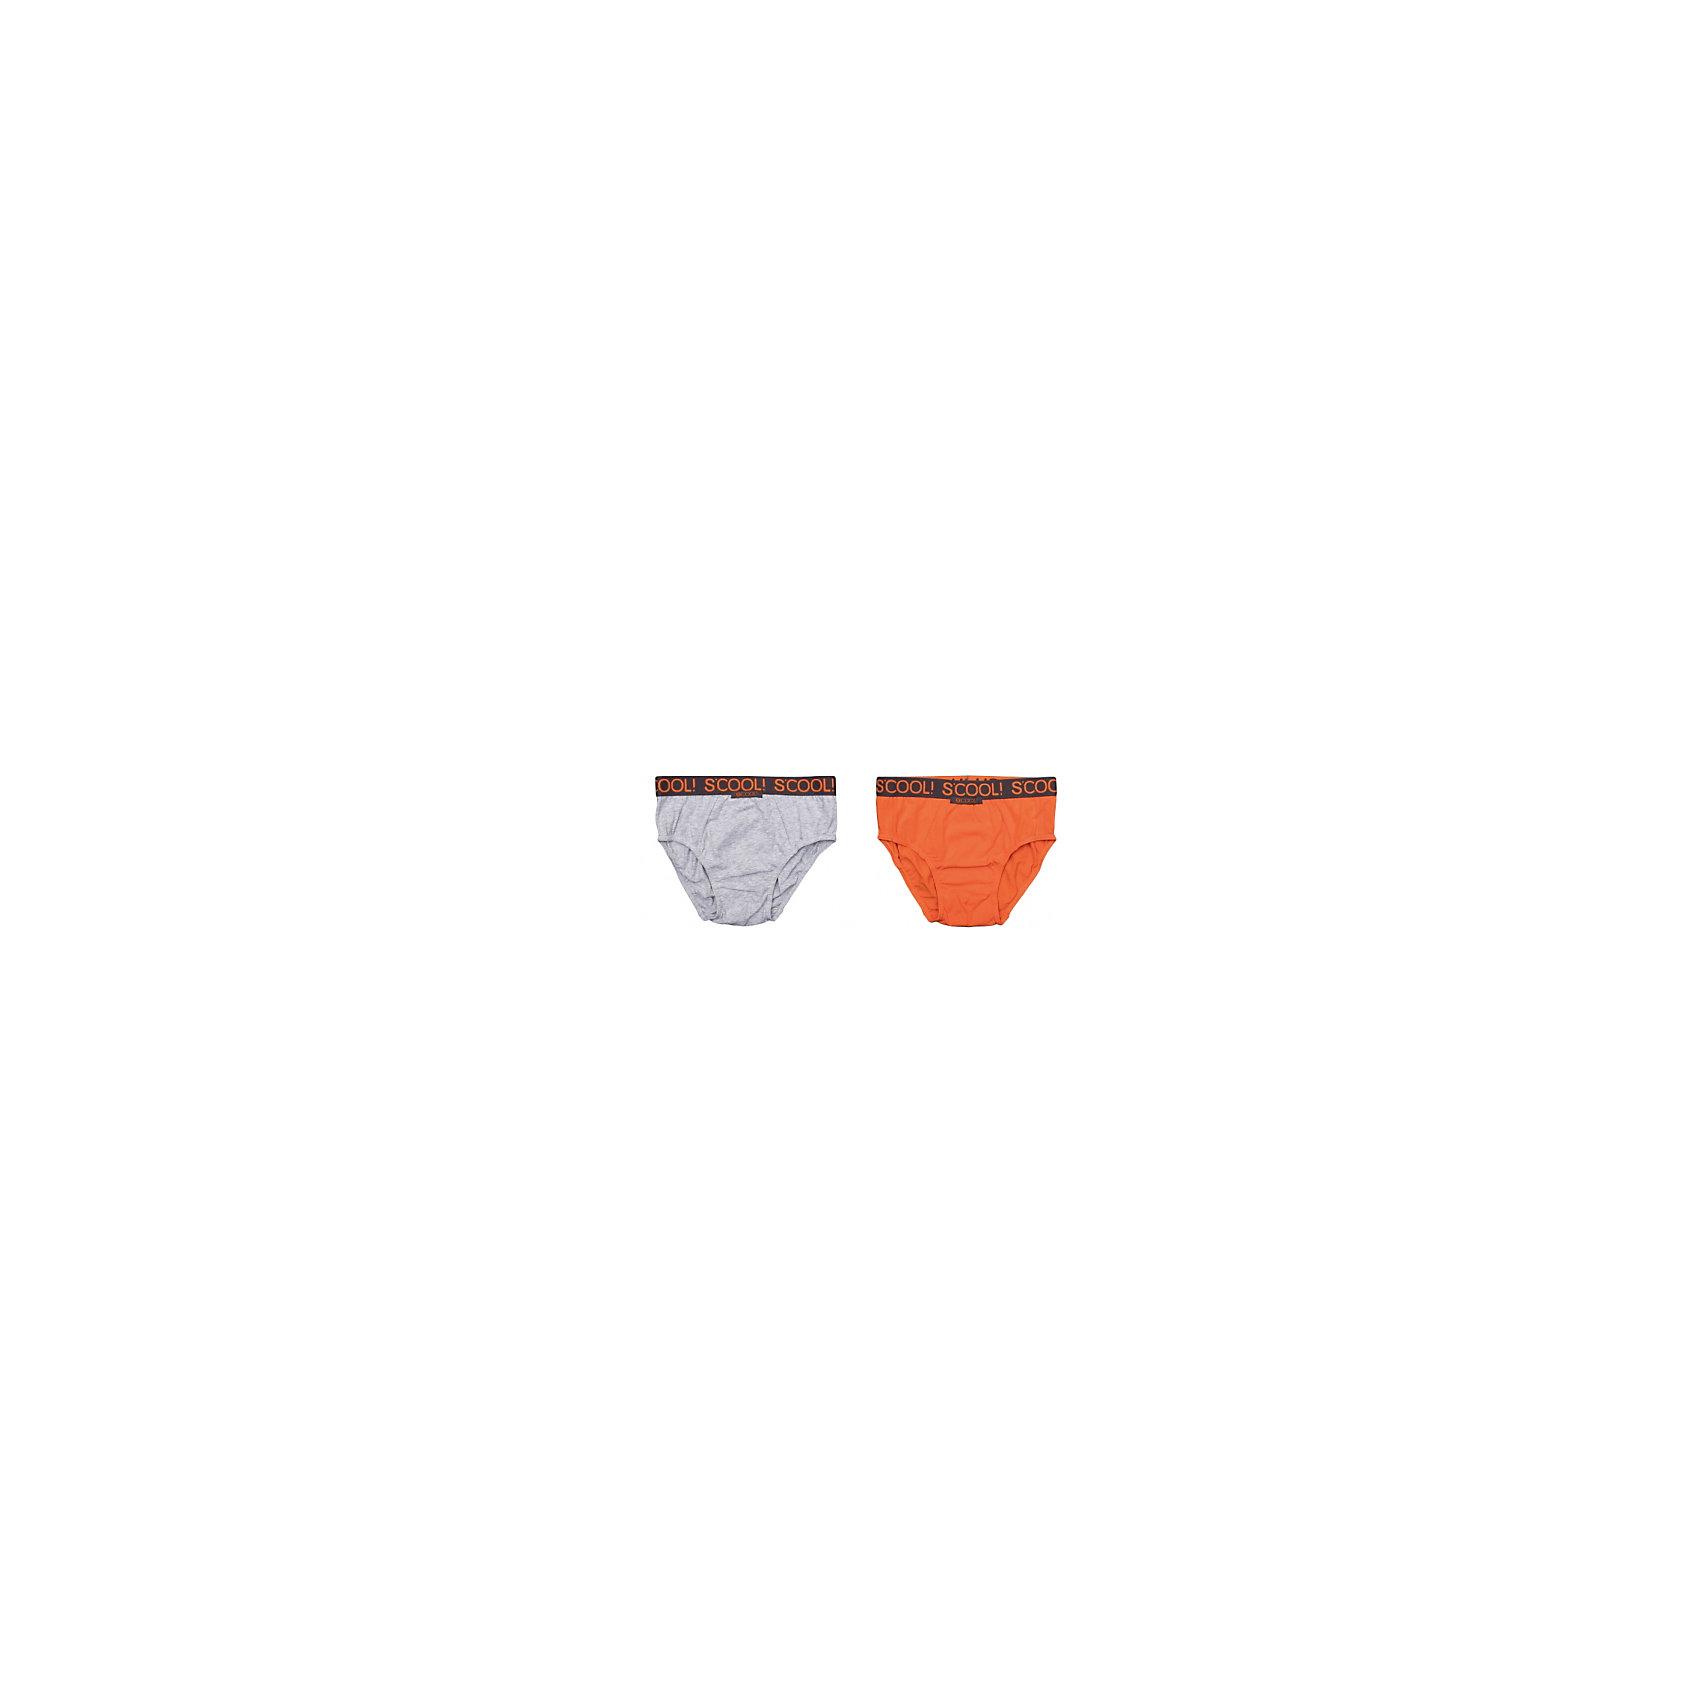 Трусы, 2 шт. для мальчика ScoolТрусы, 2 шт. для мальчика Scool –удобство и комфорт в сочетании со стилем.<br>Модные и красивые трусы на мягкой резинке сделаны из натурального хлопка, который не вызывает раздражение. Ткань позволяет коже дышать, а свободный покрой не стягивает тело. Трусы двух контрастных цветов: спокойный серый и яркий оранжевый.<br><br>Дополнительная информация:<br><br>- материал: 95% хлопок, 5% эластан<br>- цвет: серый, оранжевый<br>- 2 шт<br><br>Трусы, 2 шт. для мальчика Scool можно купить в нашем интернет магазине.<br><br>Ширина мм: 196<br>Глубина мм: 10<br>Высота мм: 154<br>Вес г: 152<br>Цвет: разноцветный<br>Возраст от месяцев: 156<br>Возраст до месяцев: 168<br>Пол: Мужской<br>Возраст: Детский<br>Размер: 158/164,134/140,146/152<br>SKU: 4911682